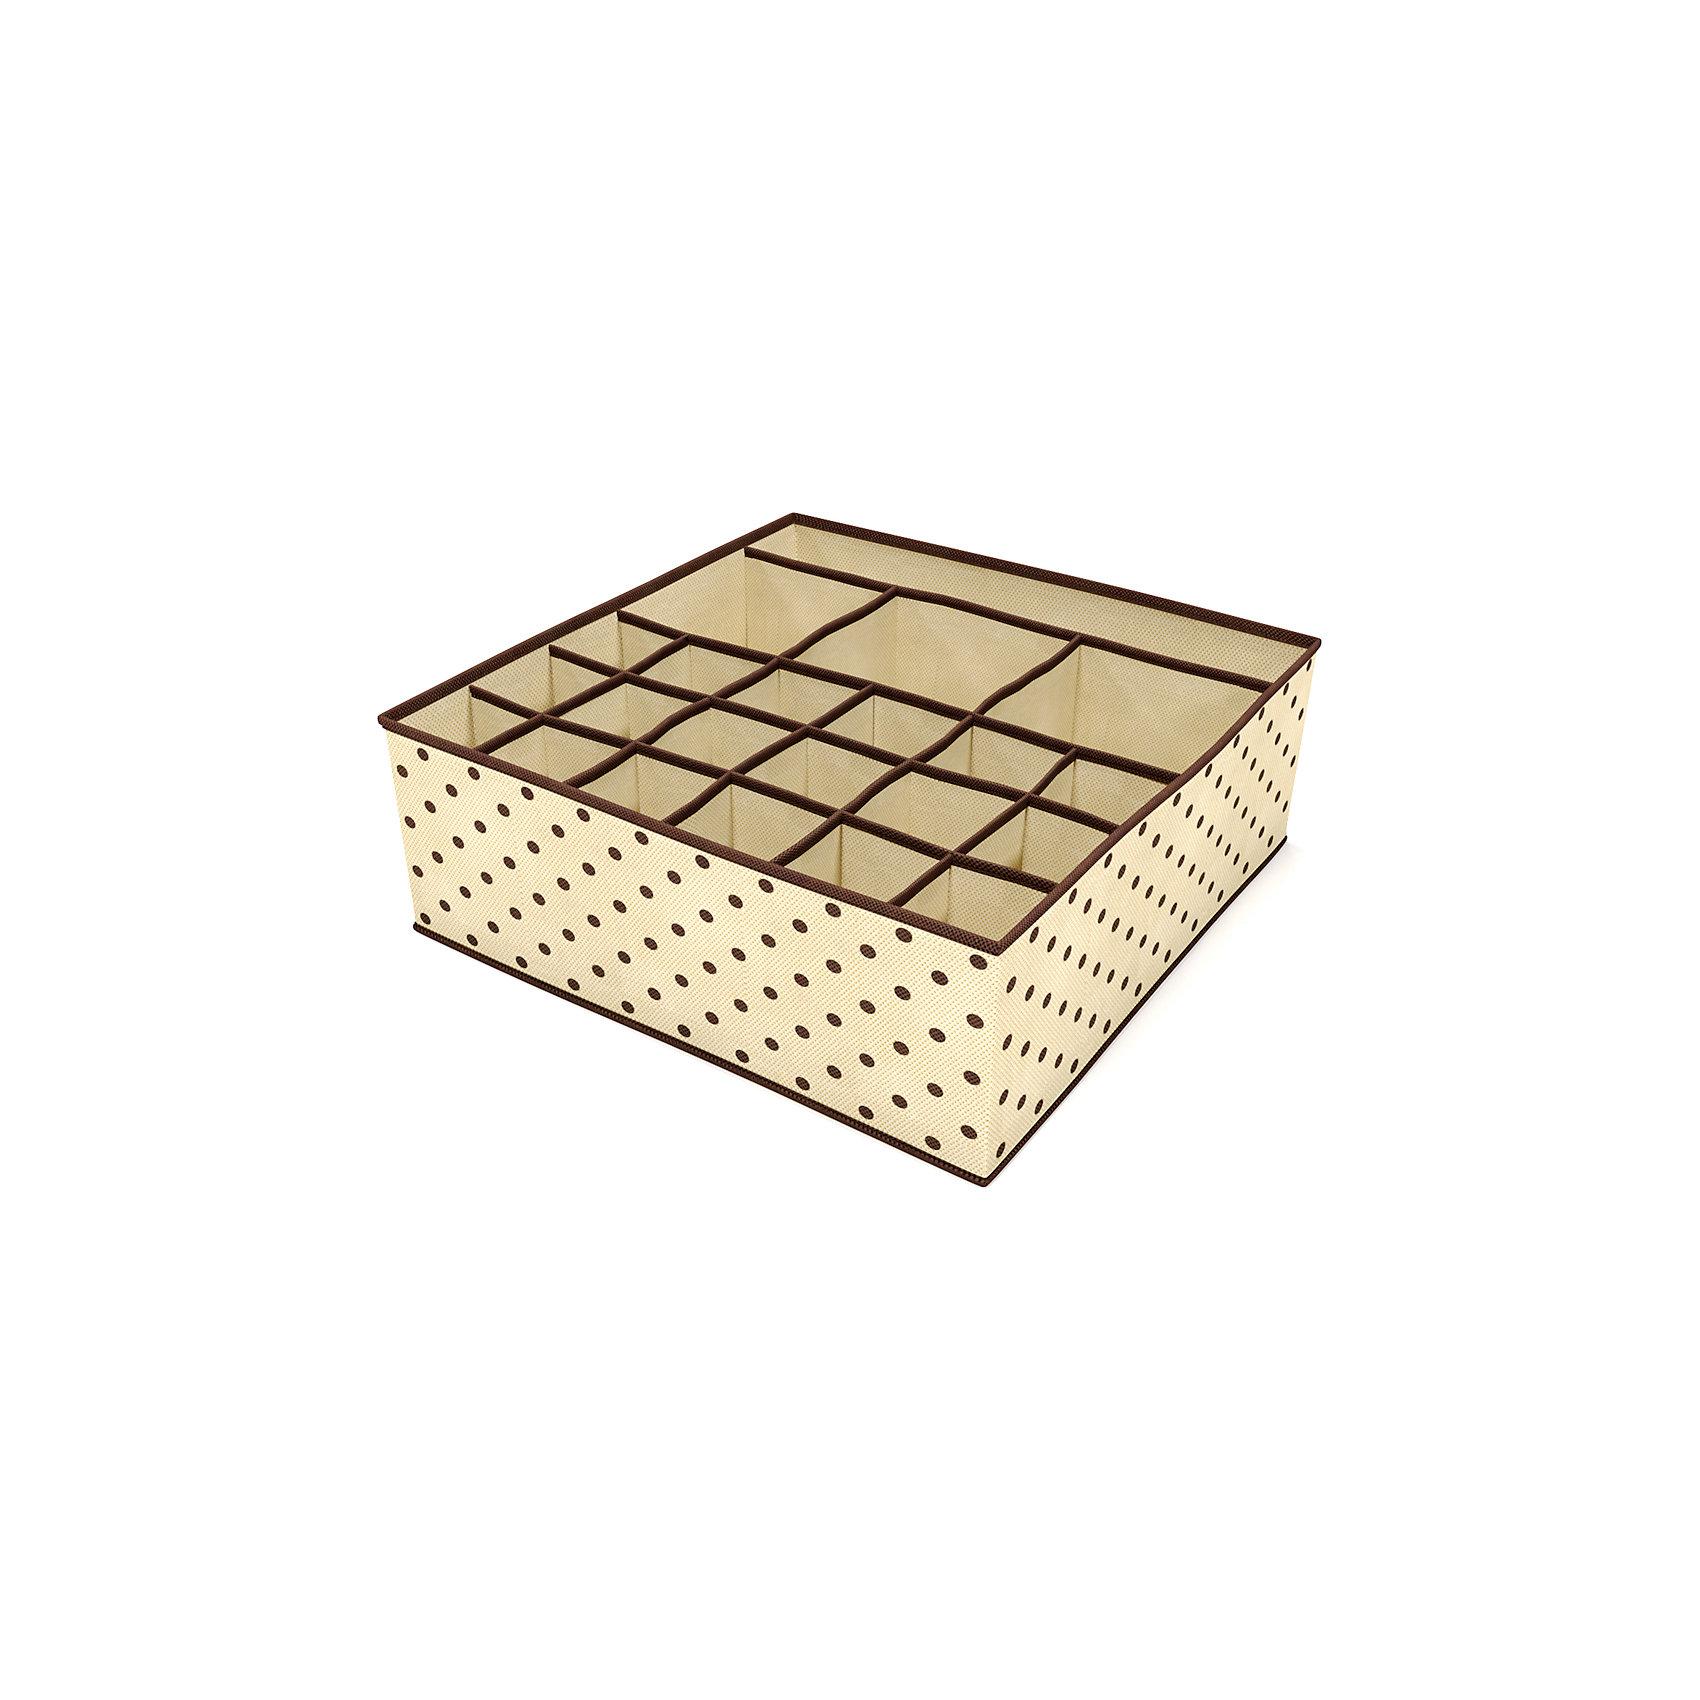 Мульти-органайзер для нижнего белья и аксессуаров, HomsuПорядок в детской<br>Органайзер имеет 18 ячеек, 3 квадратных секции и одну продольную секцию. Идеально подходит для хранения нижнего белья и аксессуаров. Выполнен в универсальном дизайне, благодаря чему гармонично впишется в любой интерьер.<br><br>Ширина мм: 580<br>Глубина мм: 110<br>Высота мм: 20<br>Вес г: 150<br>Возраст от месяцев: 216<br>Возраст до месяцев: 1188<br>Пол: Женский<br>Возраст: Детский<br>SKU: 5620095